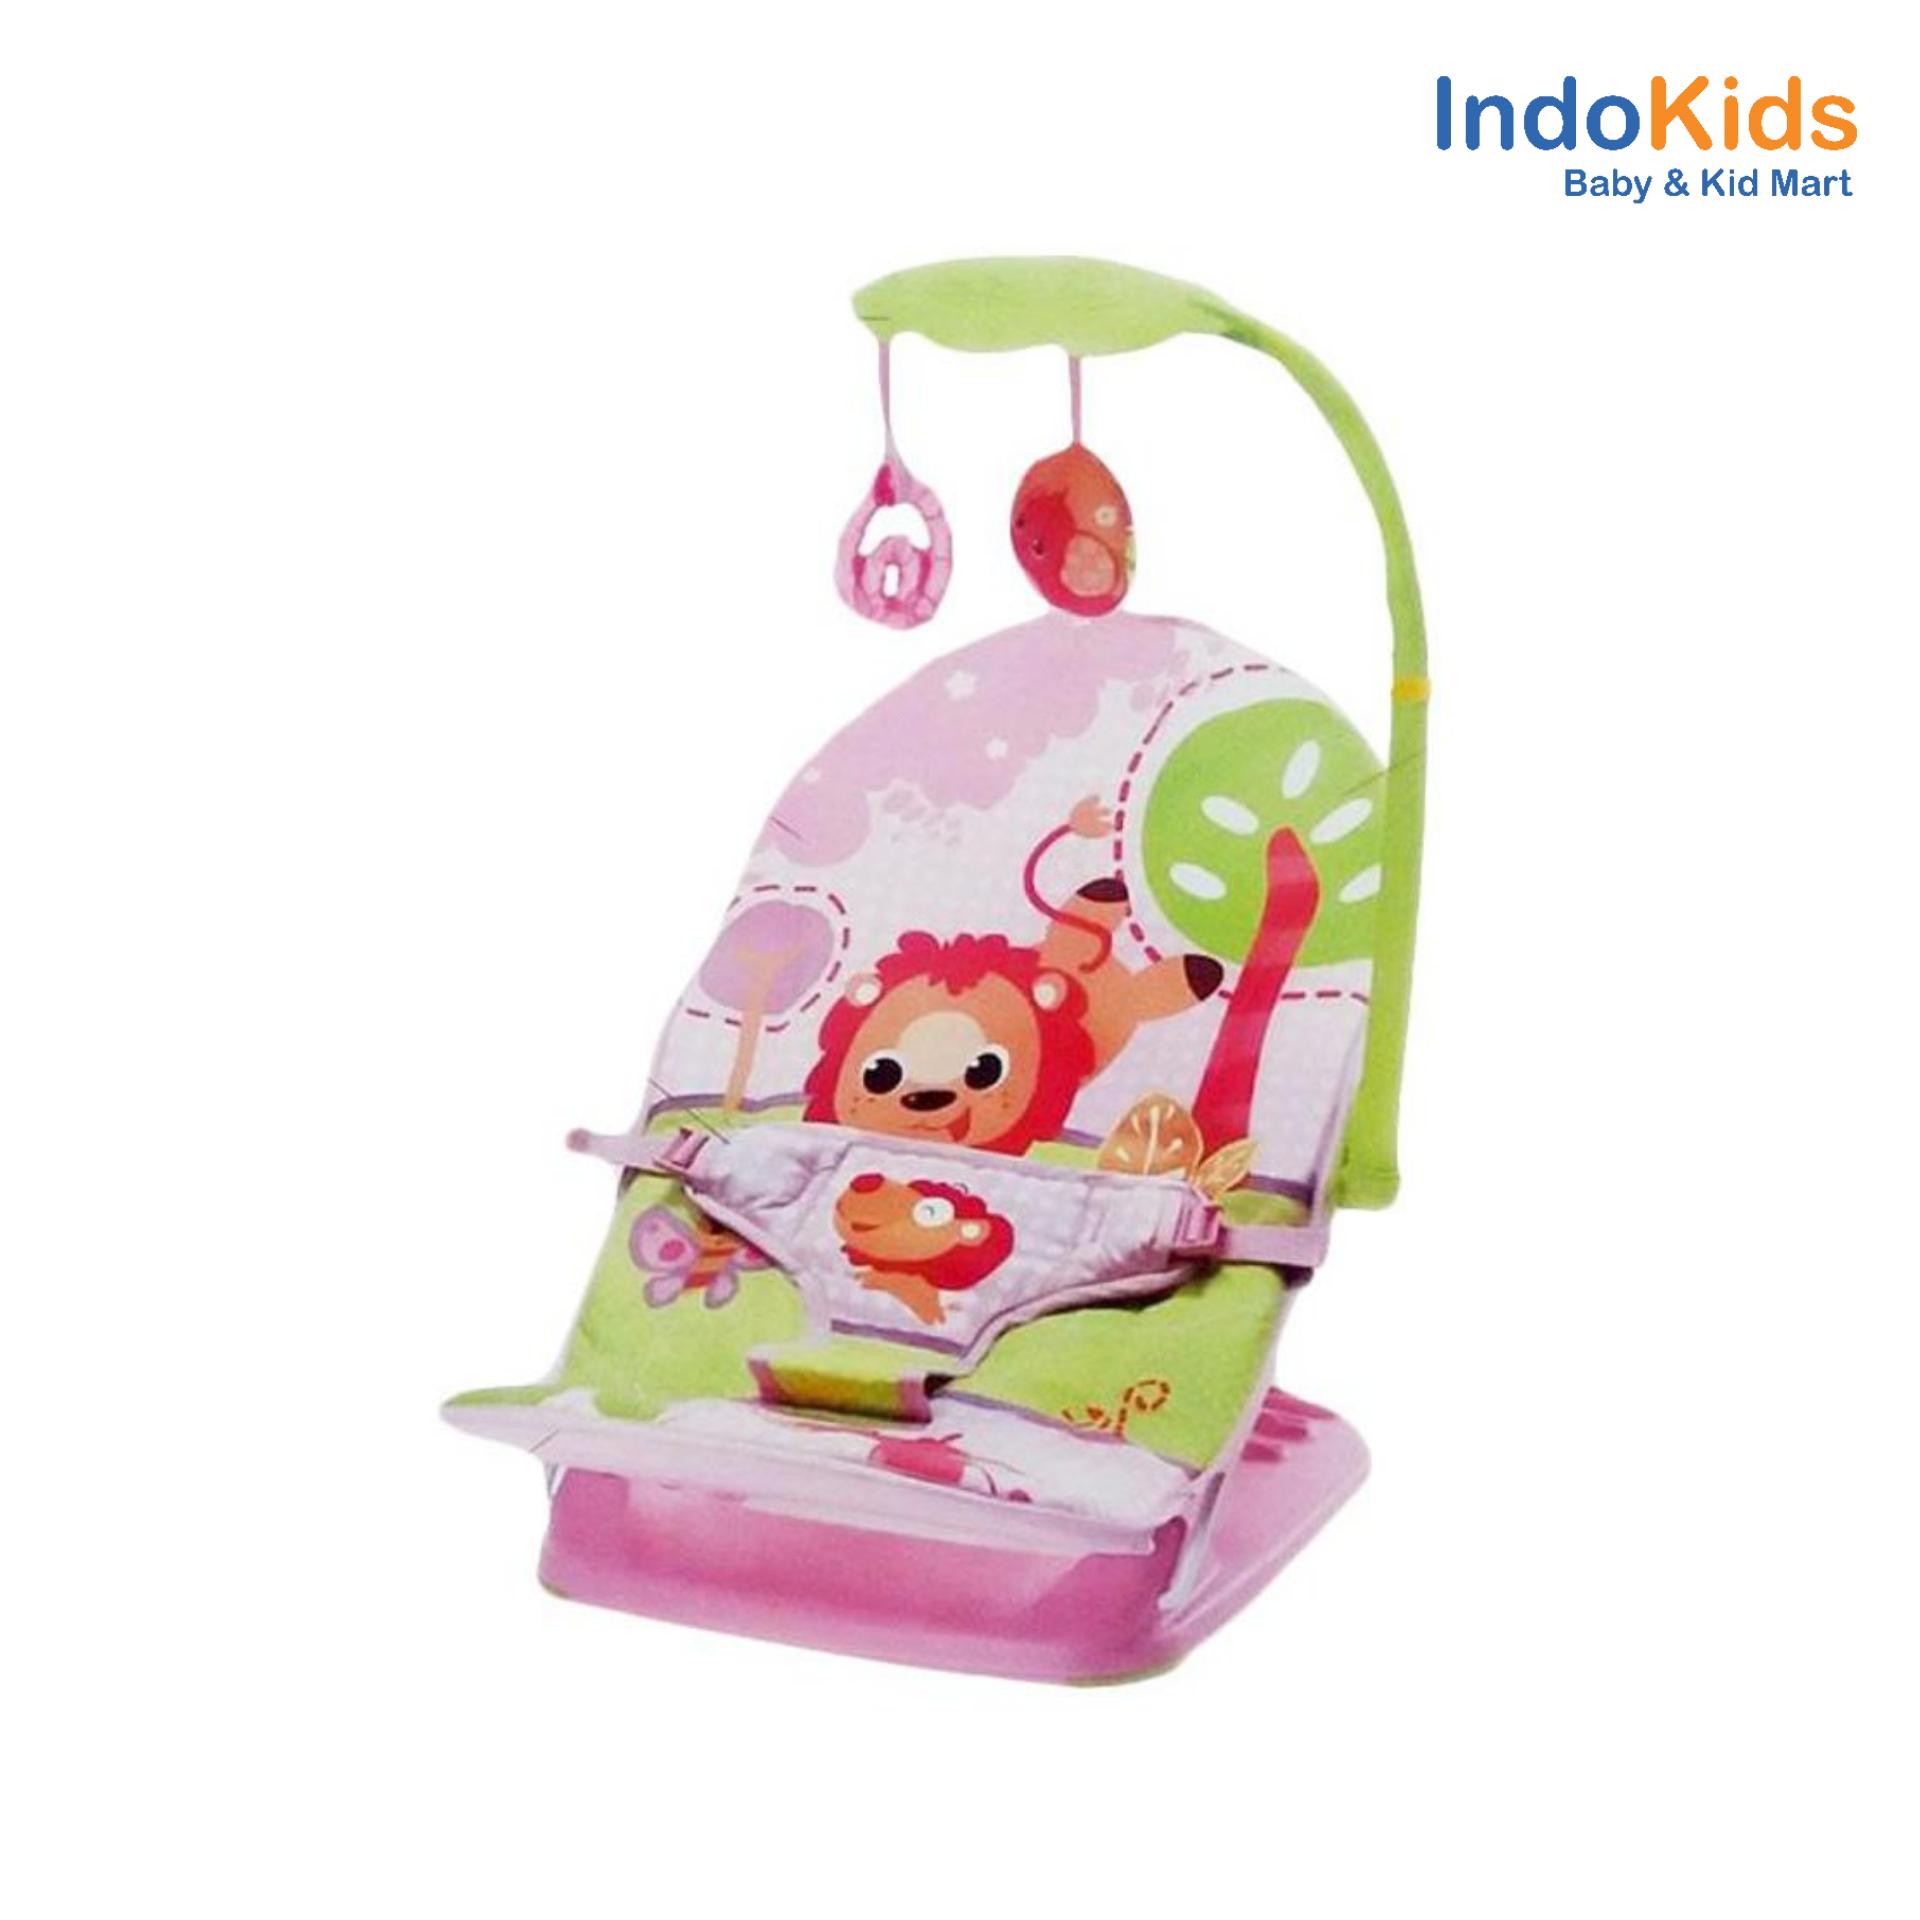 Mastela Hold Up Infant Seat 07220